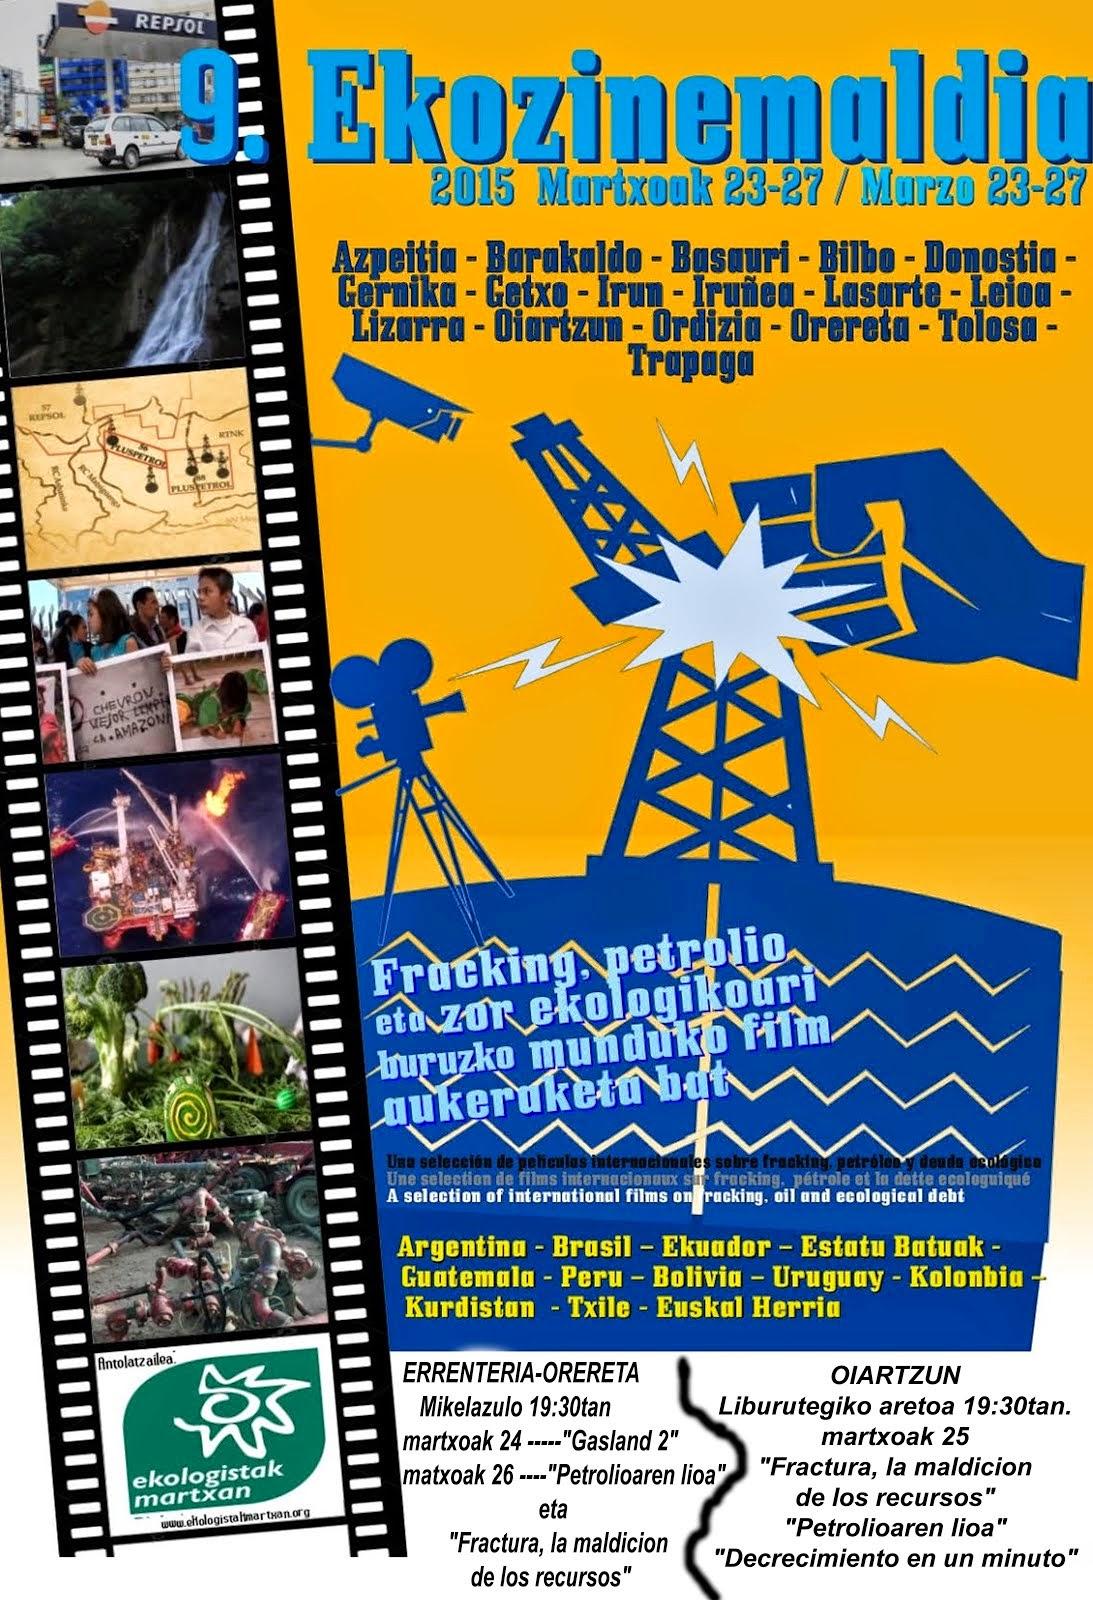 FRACKING.Petroleoa,zor ekologikoari buruzko munduko film aukeraketa bat ORERETAN Martxoak 24 eta 26